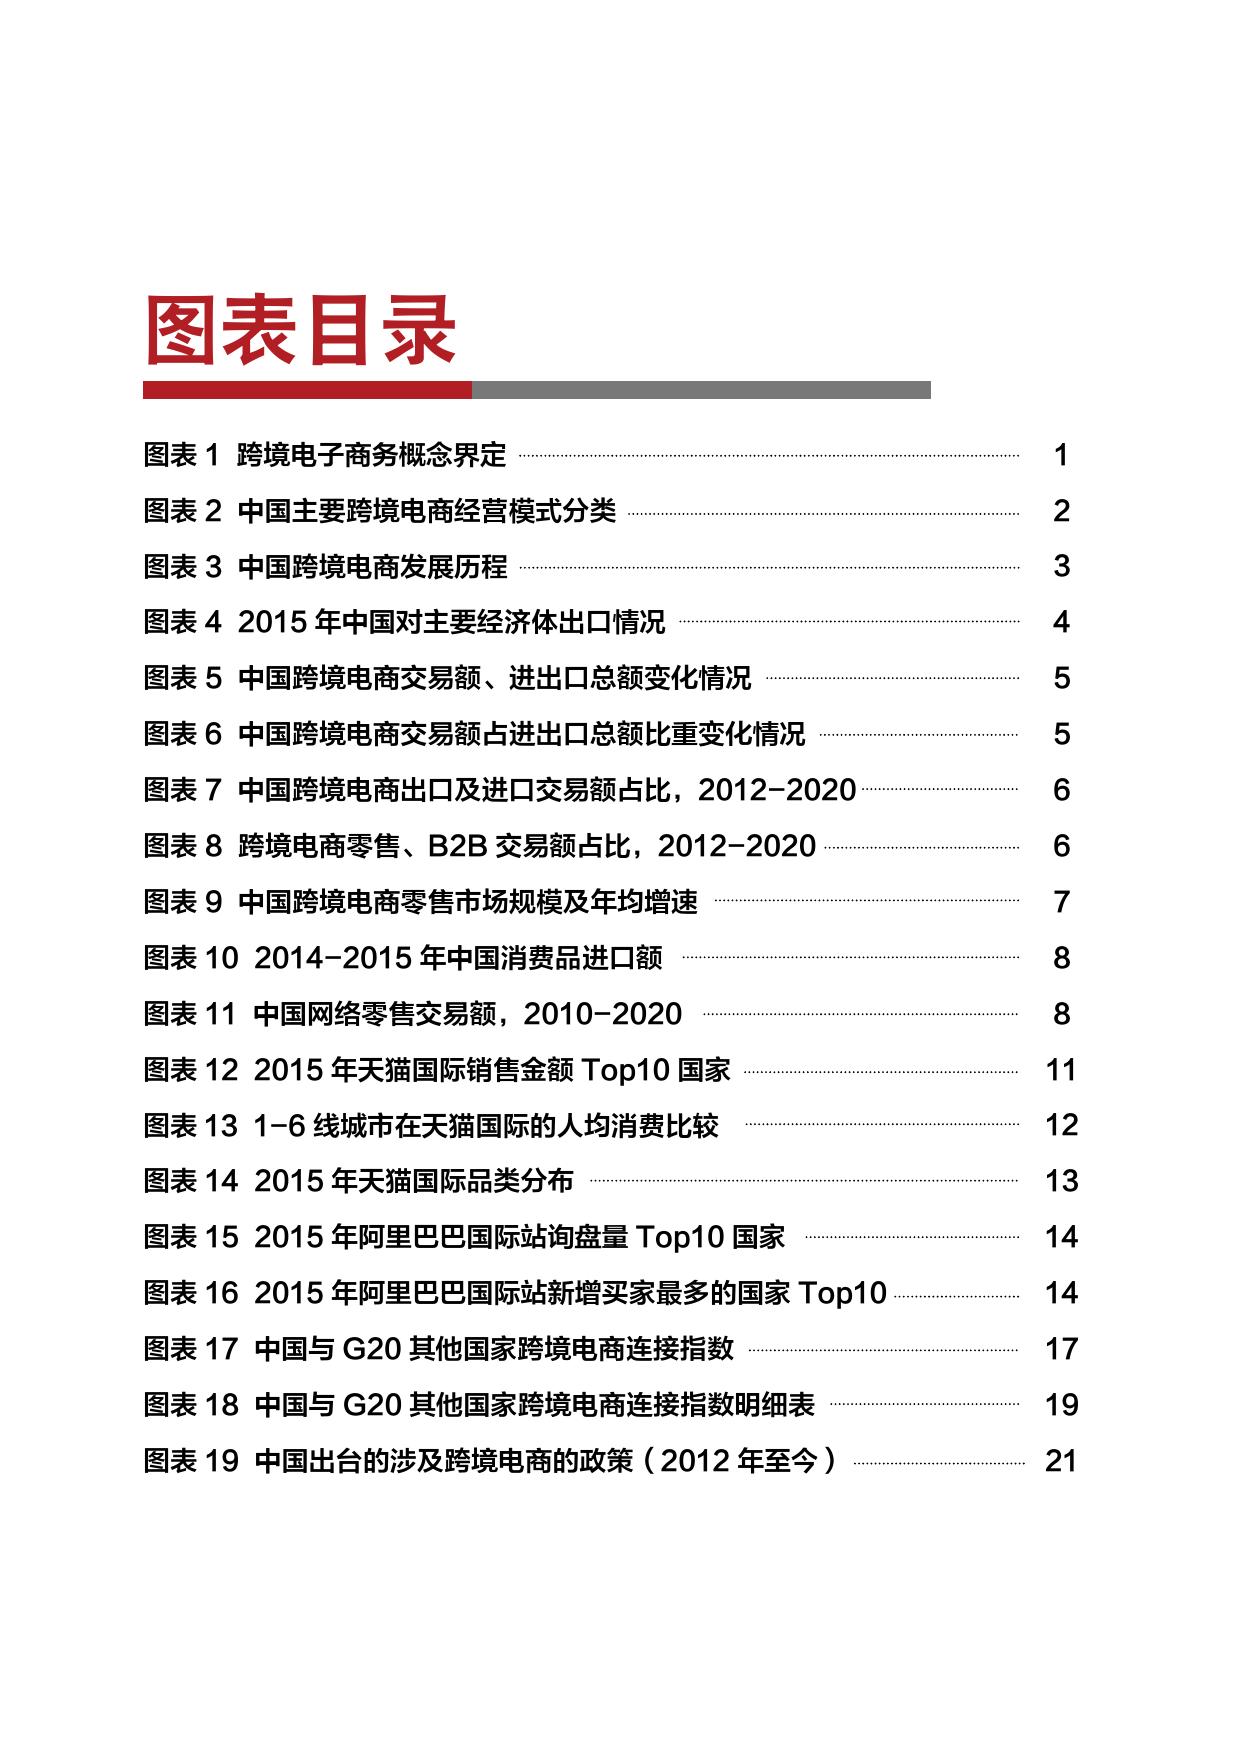 2016中国跨境电商发展报告_000004